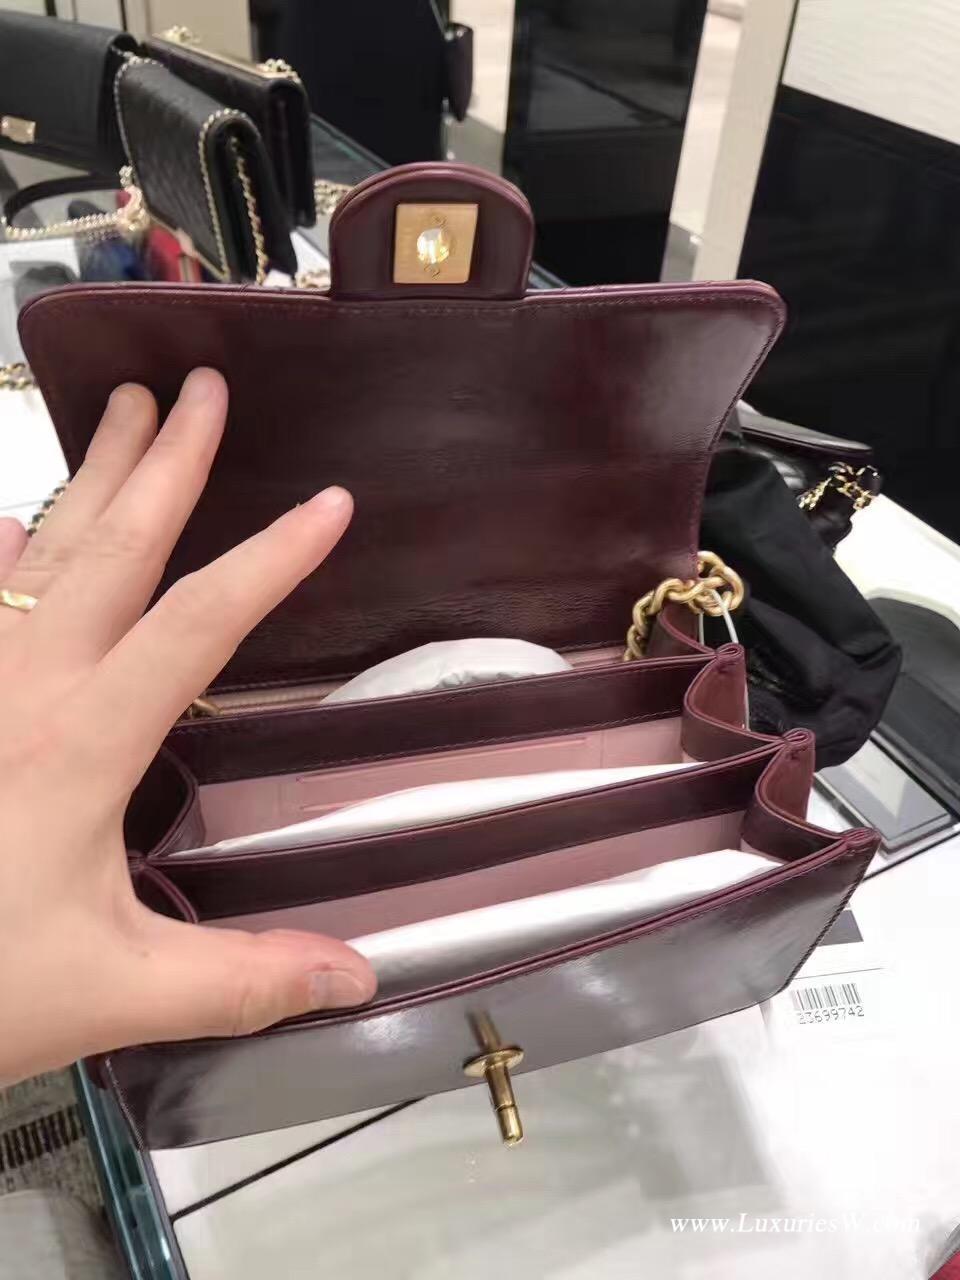 小香2017秋冬新款鏈條單肩包 高級手工坊系列 巴黎大都會風琴包